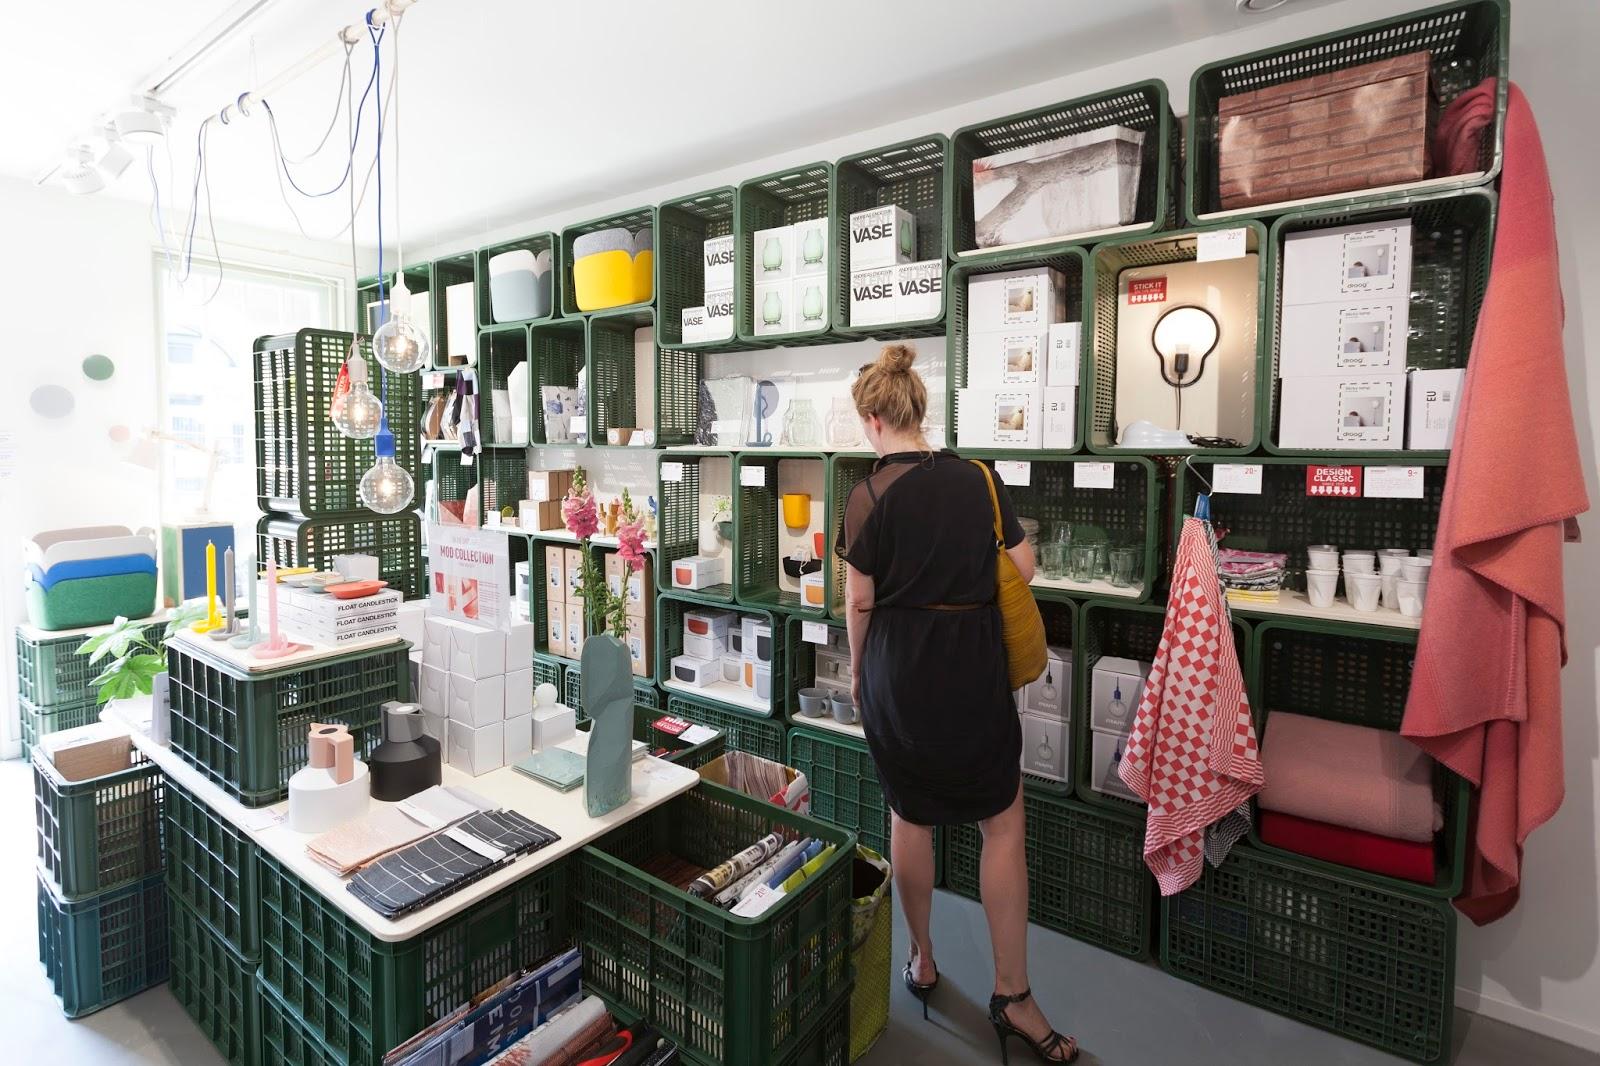 house of thol: Edwin Pelser Minimarket by UNOBVIOUS @ De Hallen